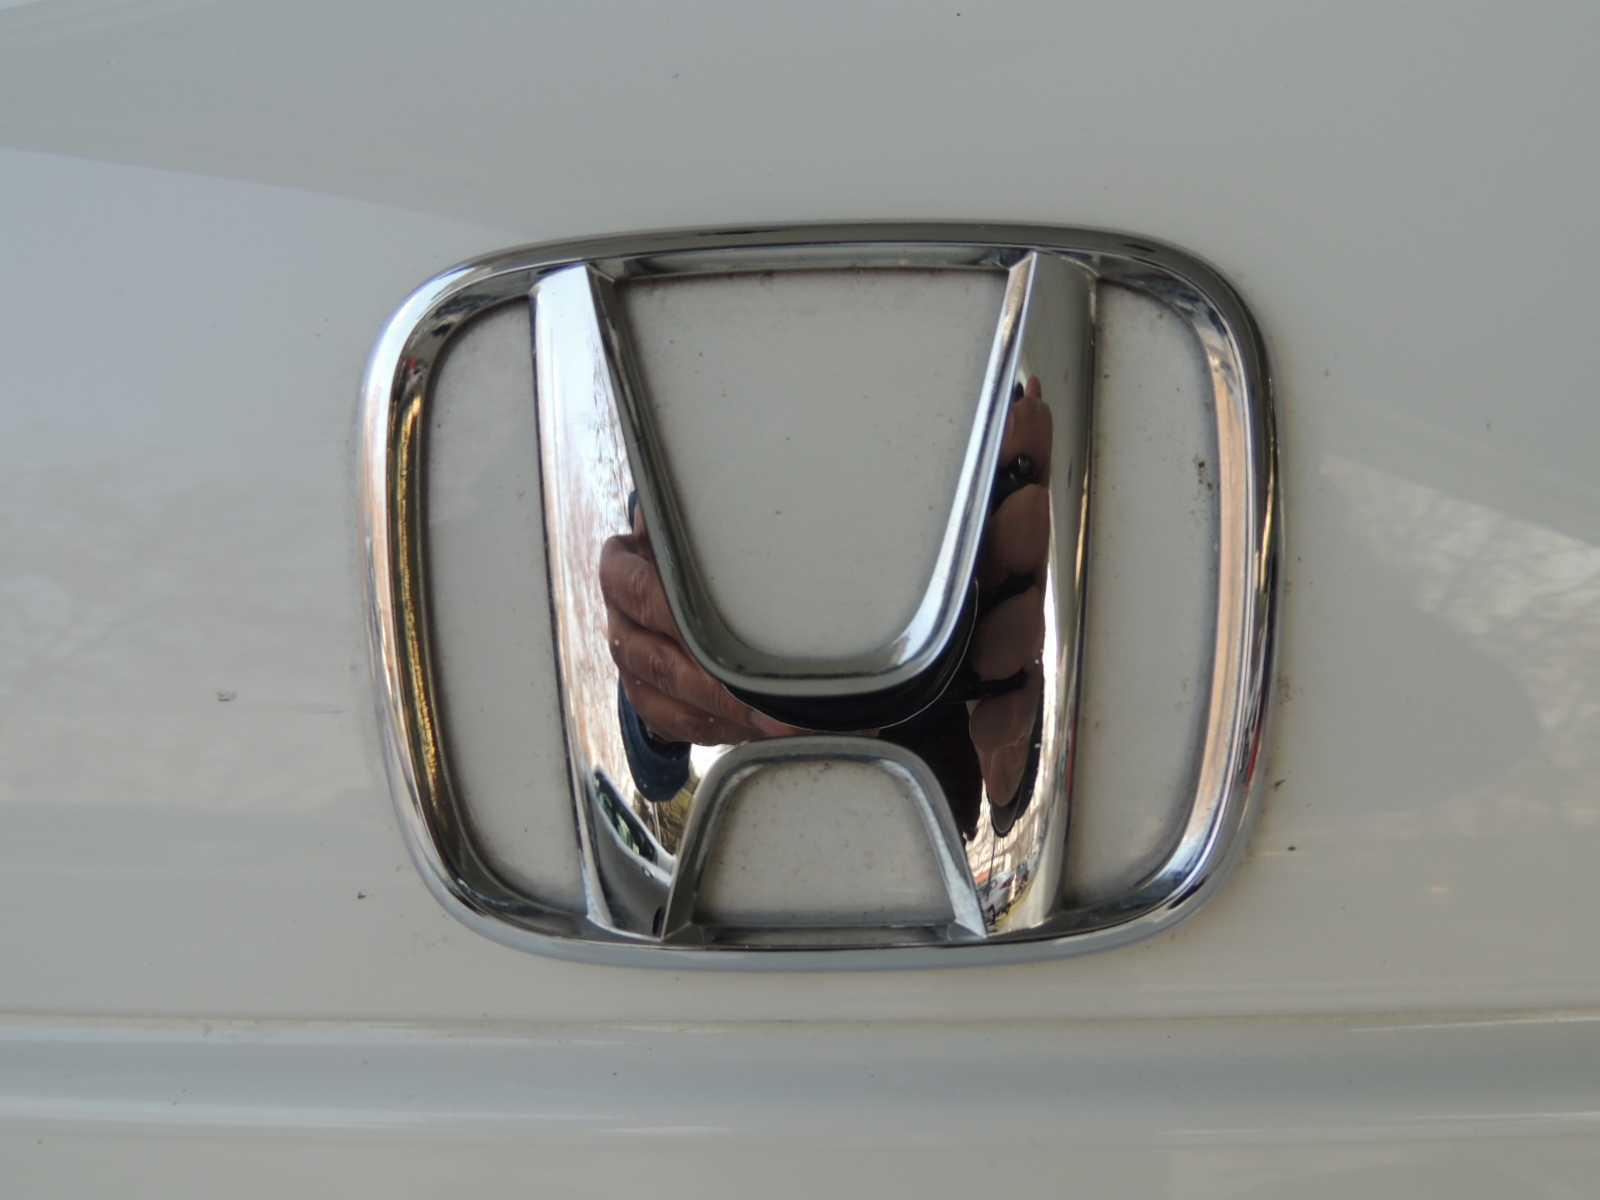 Honda Integra 1993 Clásicos Rutamotor (43)